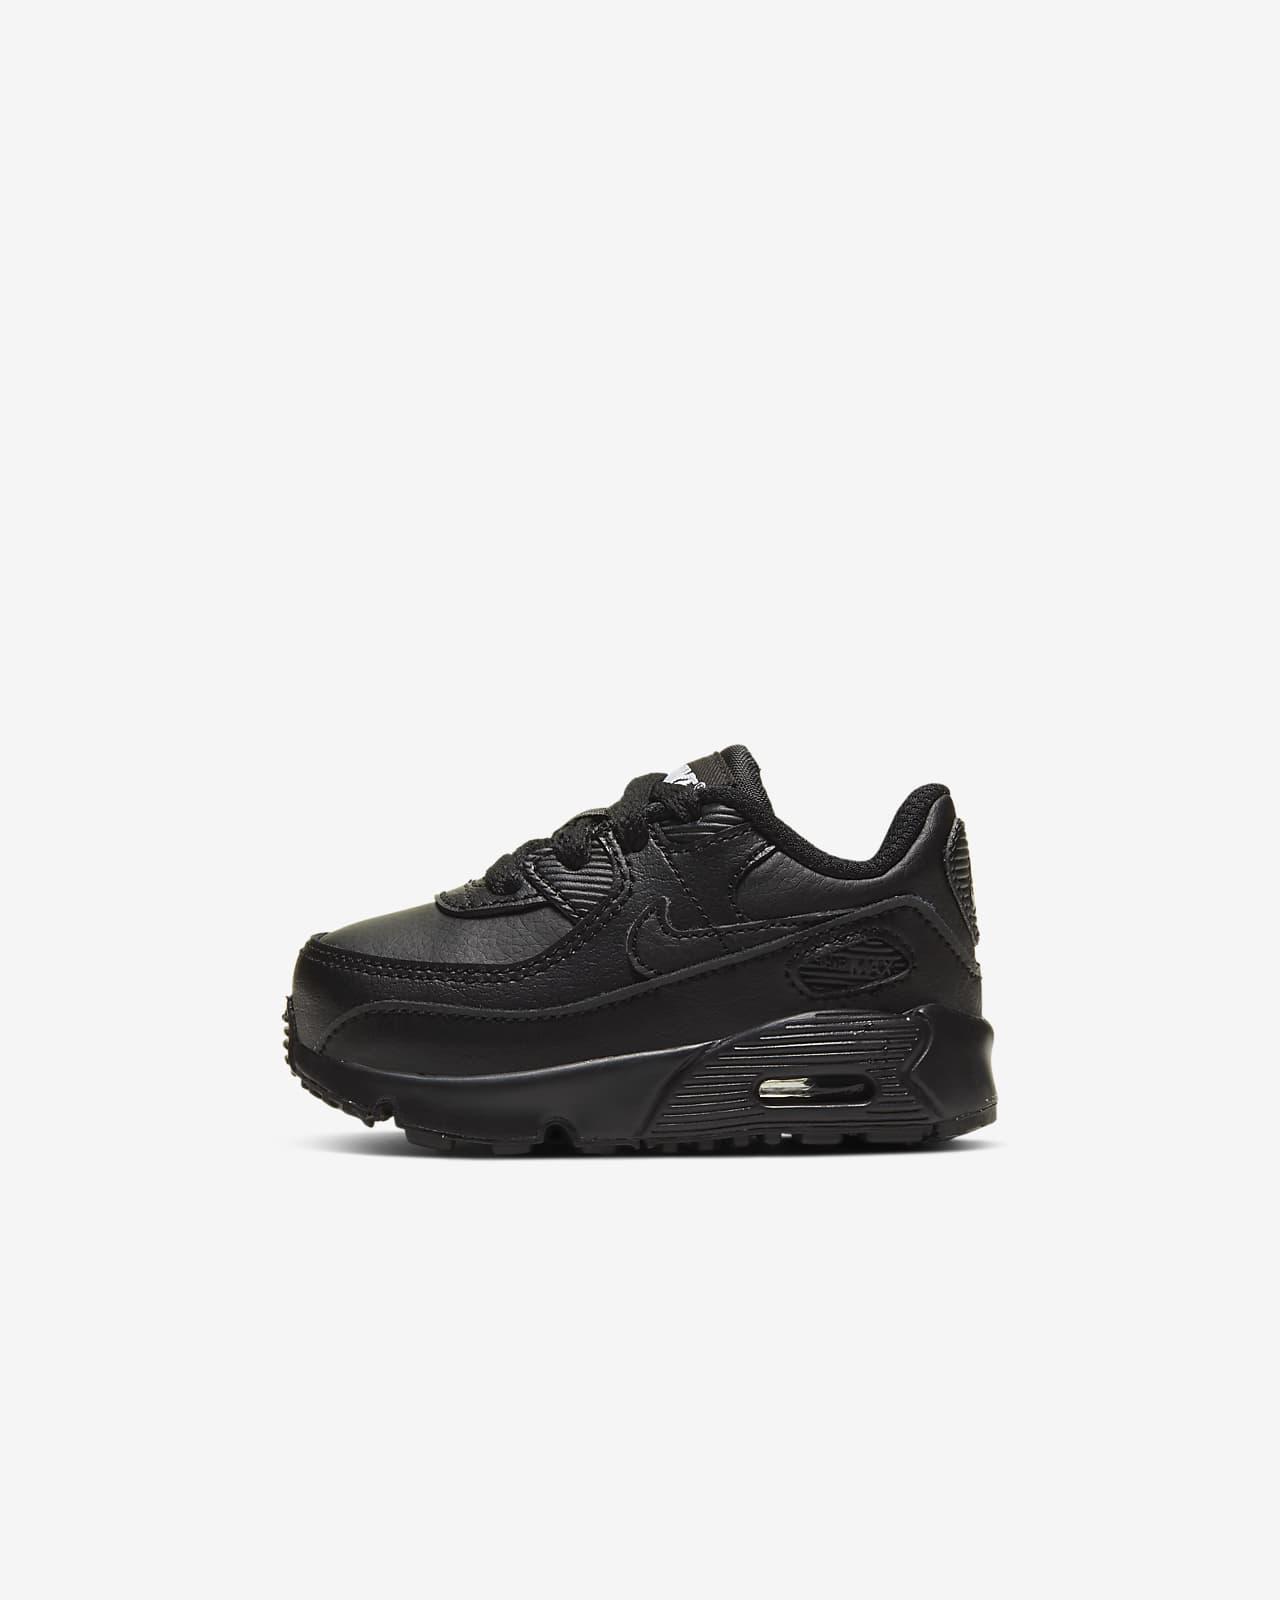 Παπούτσι Nike Air Max 90 για βρέφη και νήπια